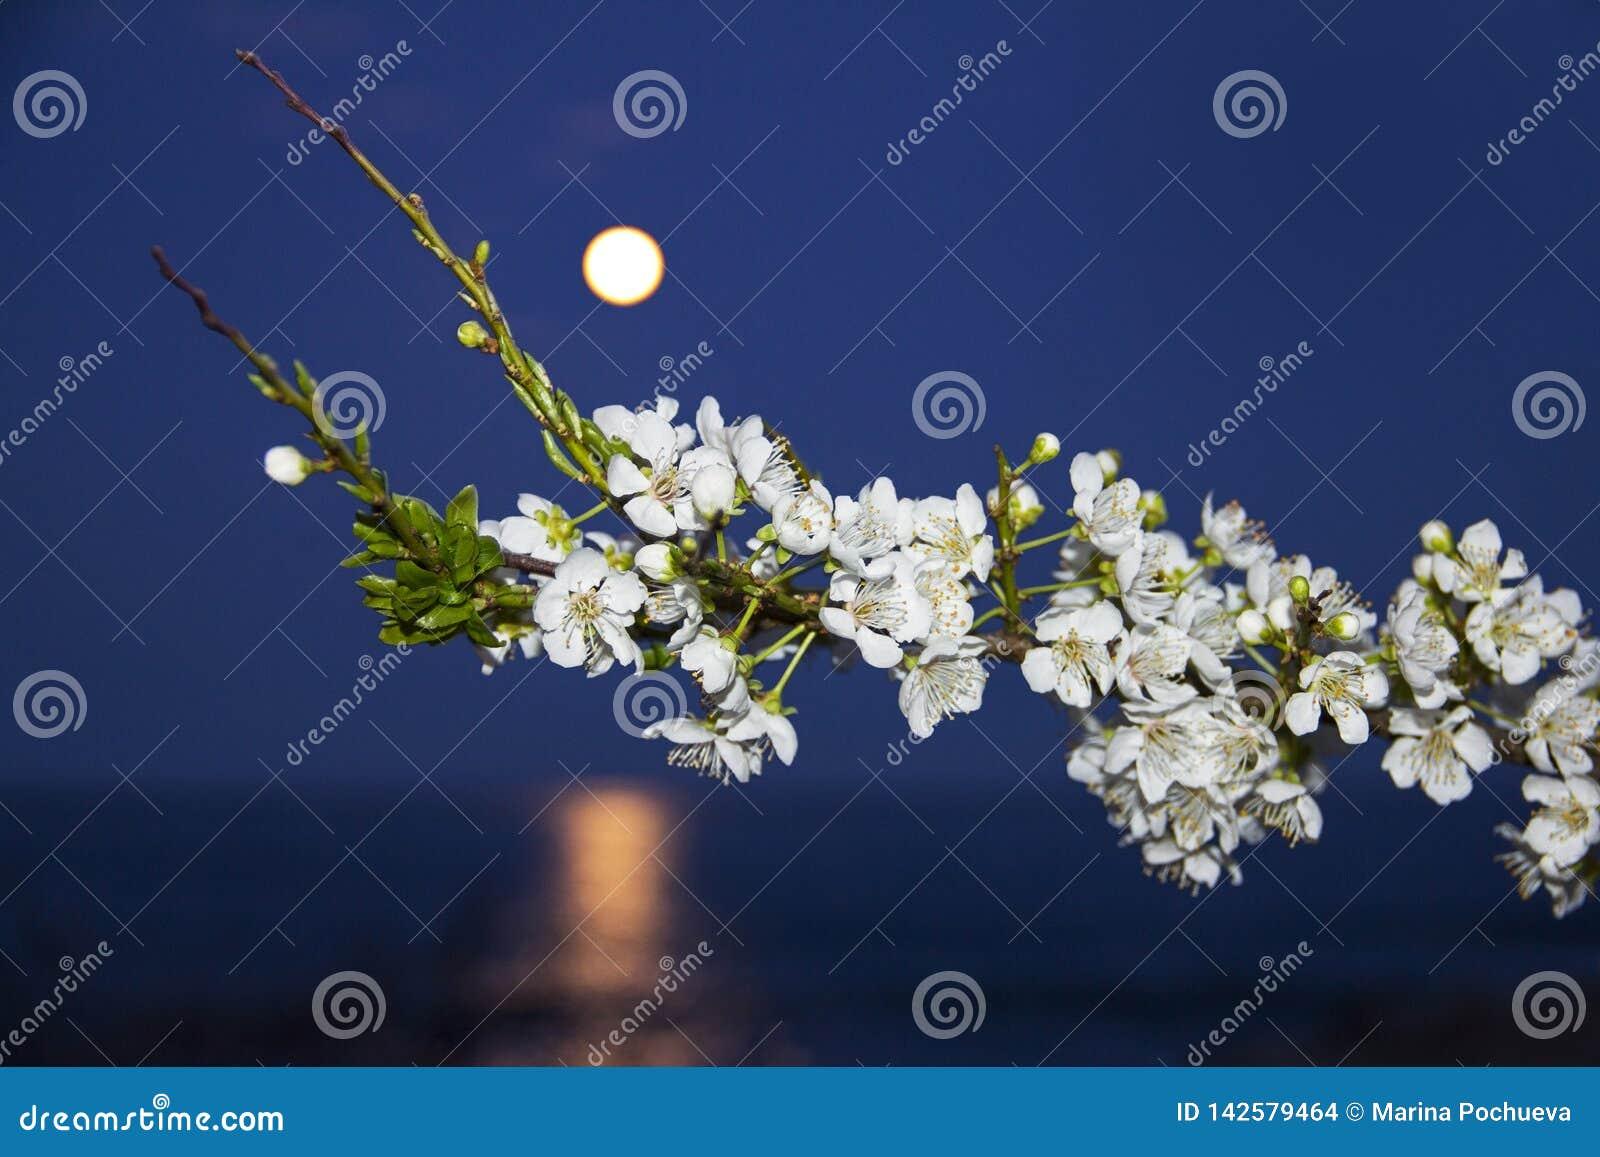 Witte bloemen op een tak bij het toenemen van de maan